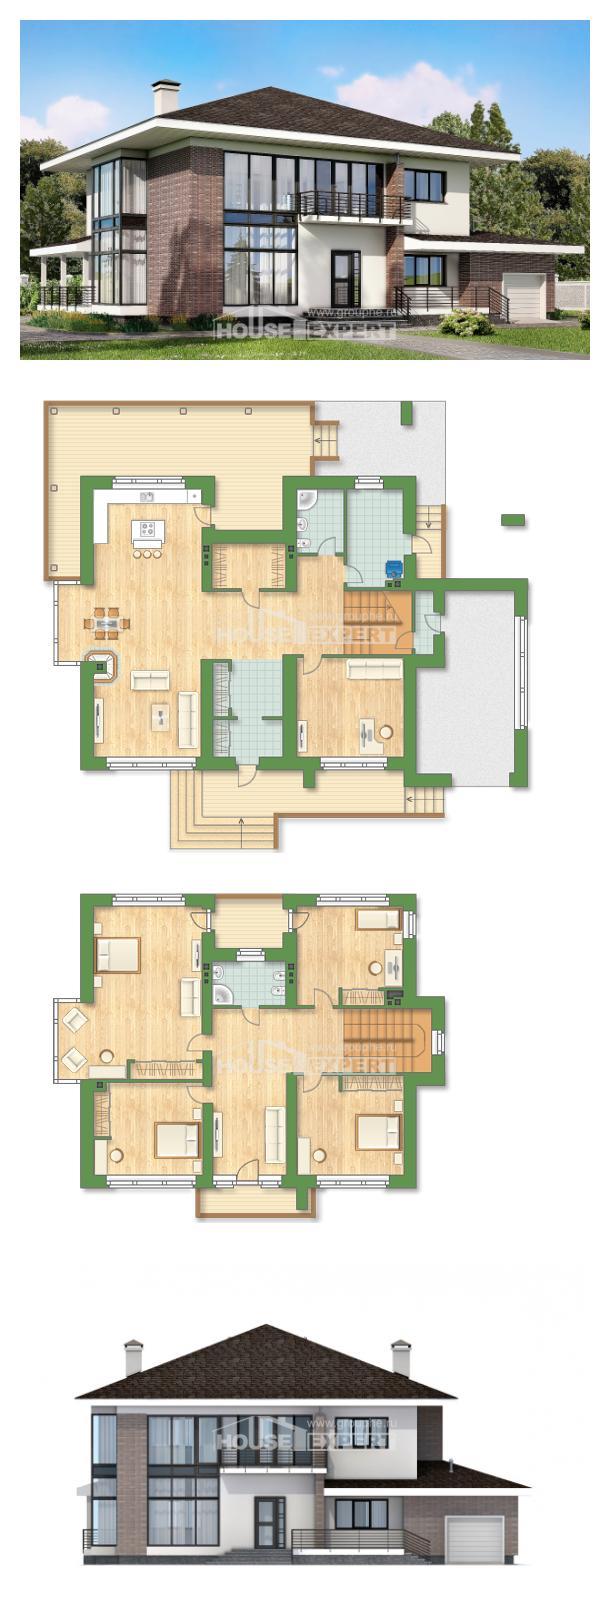 Проект на къща 275-002-R | House Expert